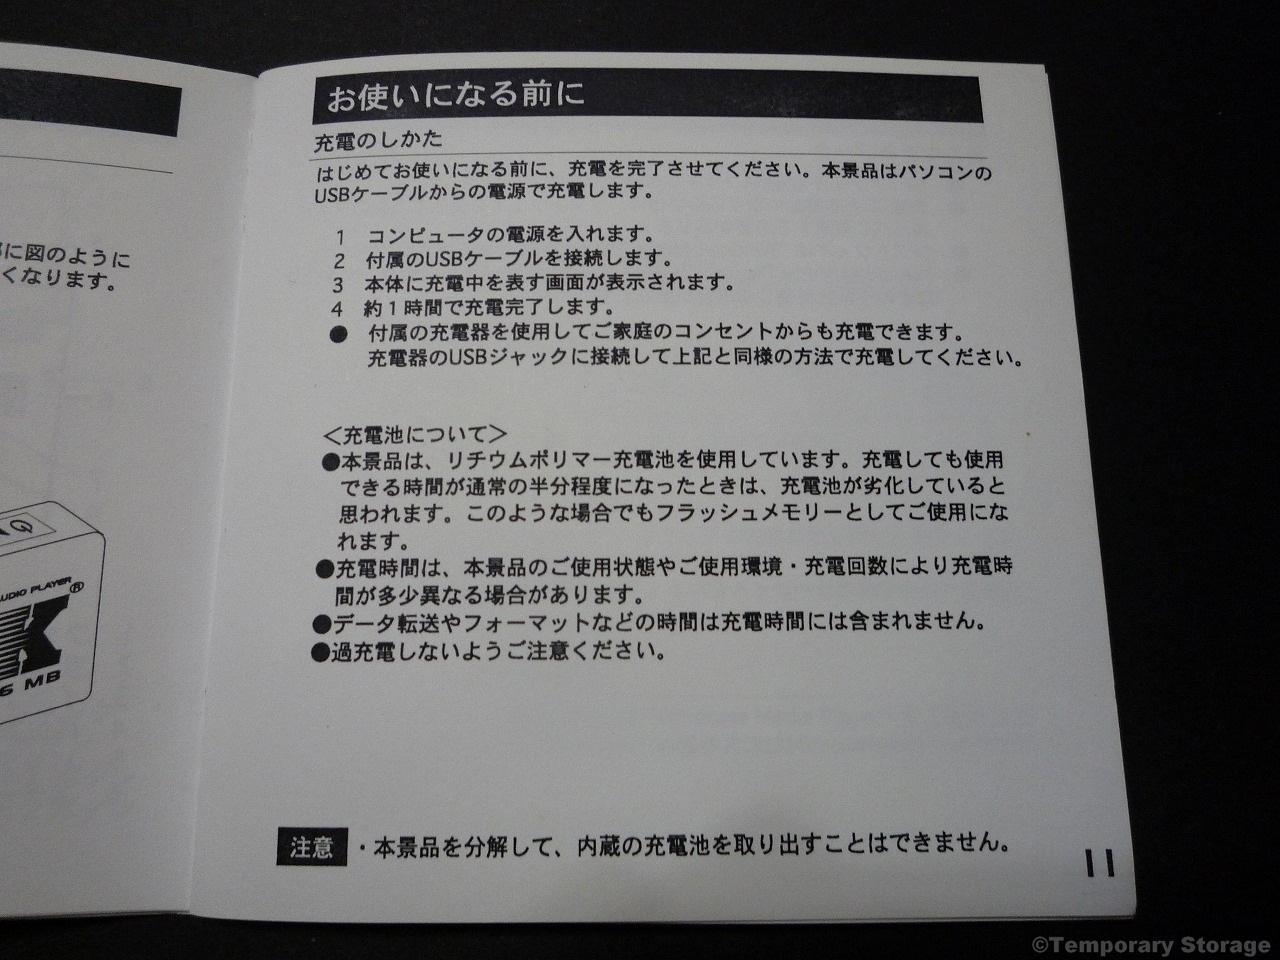 フリスクMP3プレイヤー 説明書